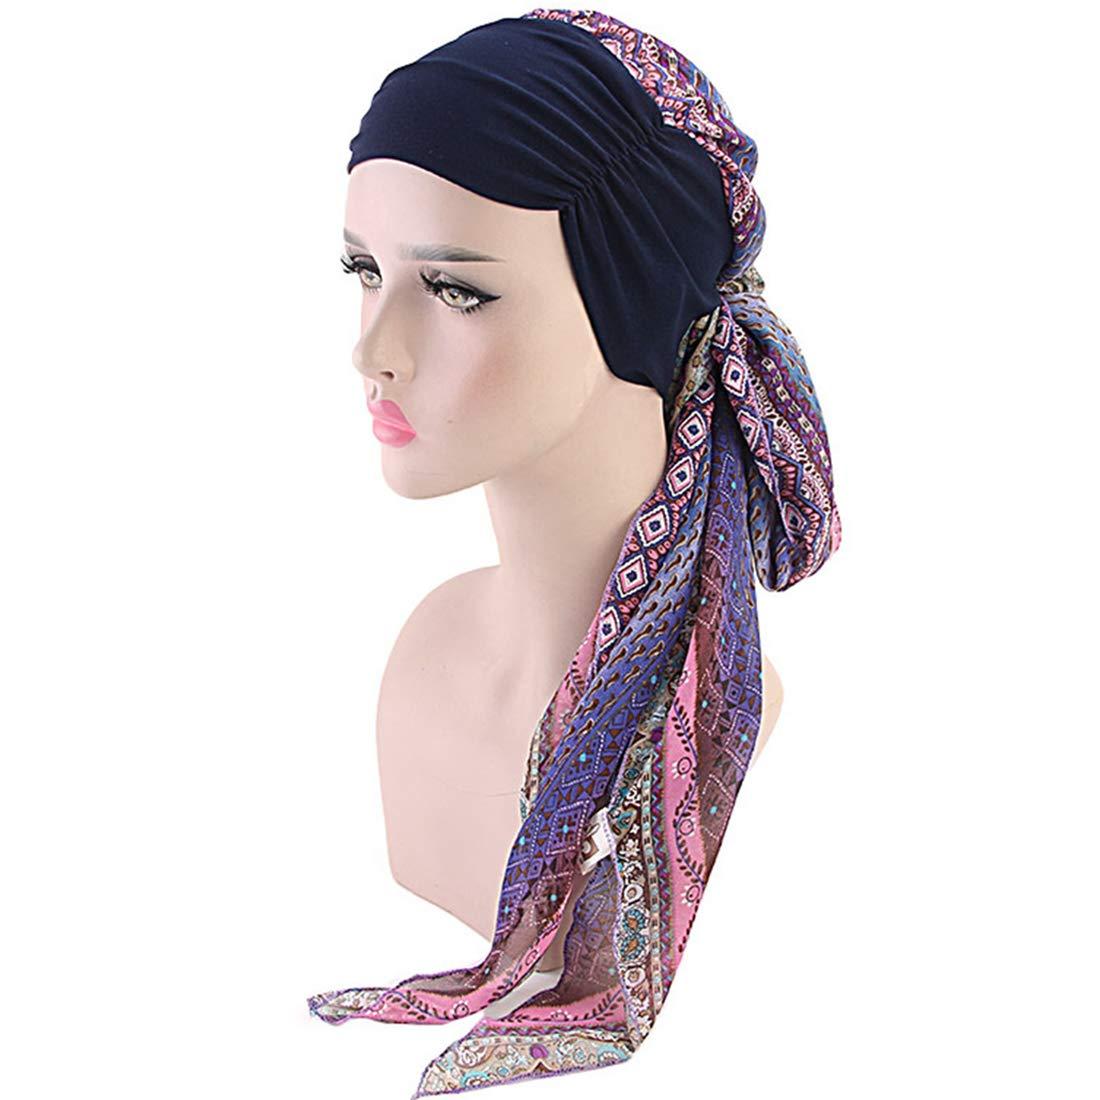 YONKINY Turban Chimio pour Femmes /él/égant Et /élastique Headwear Coiffe avec Fleur Turban Perte de Cheveux Cancer